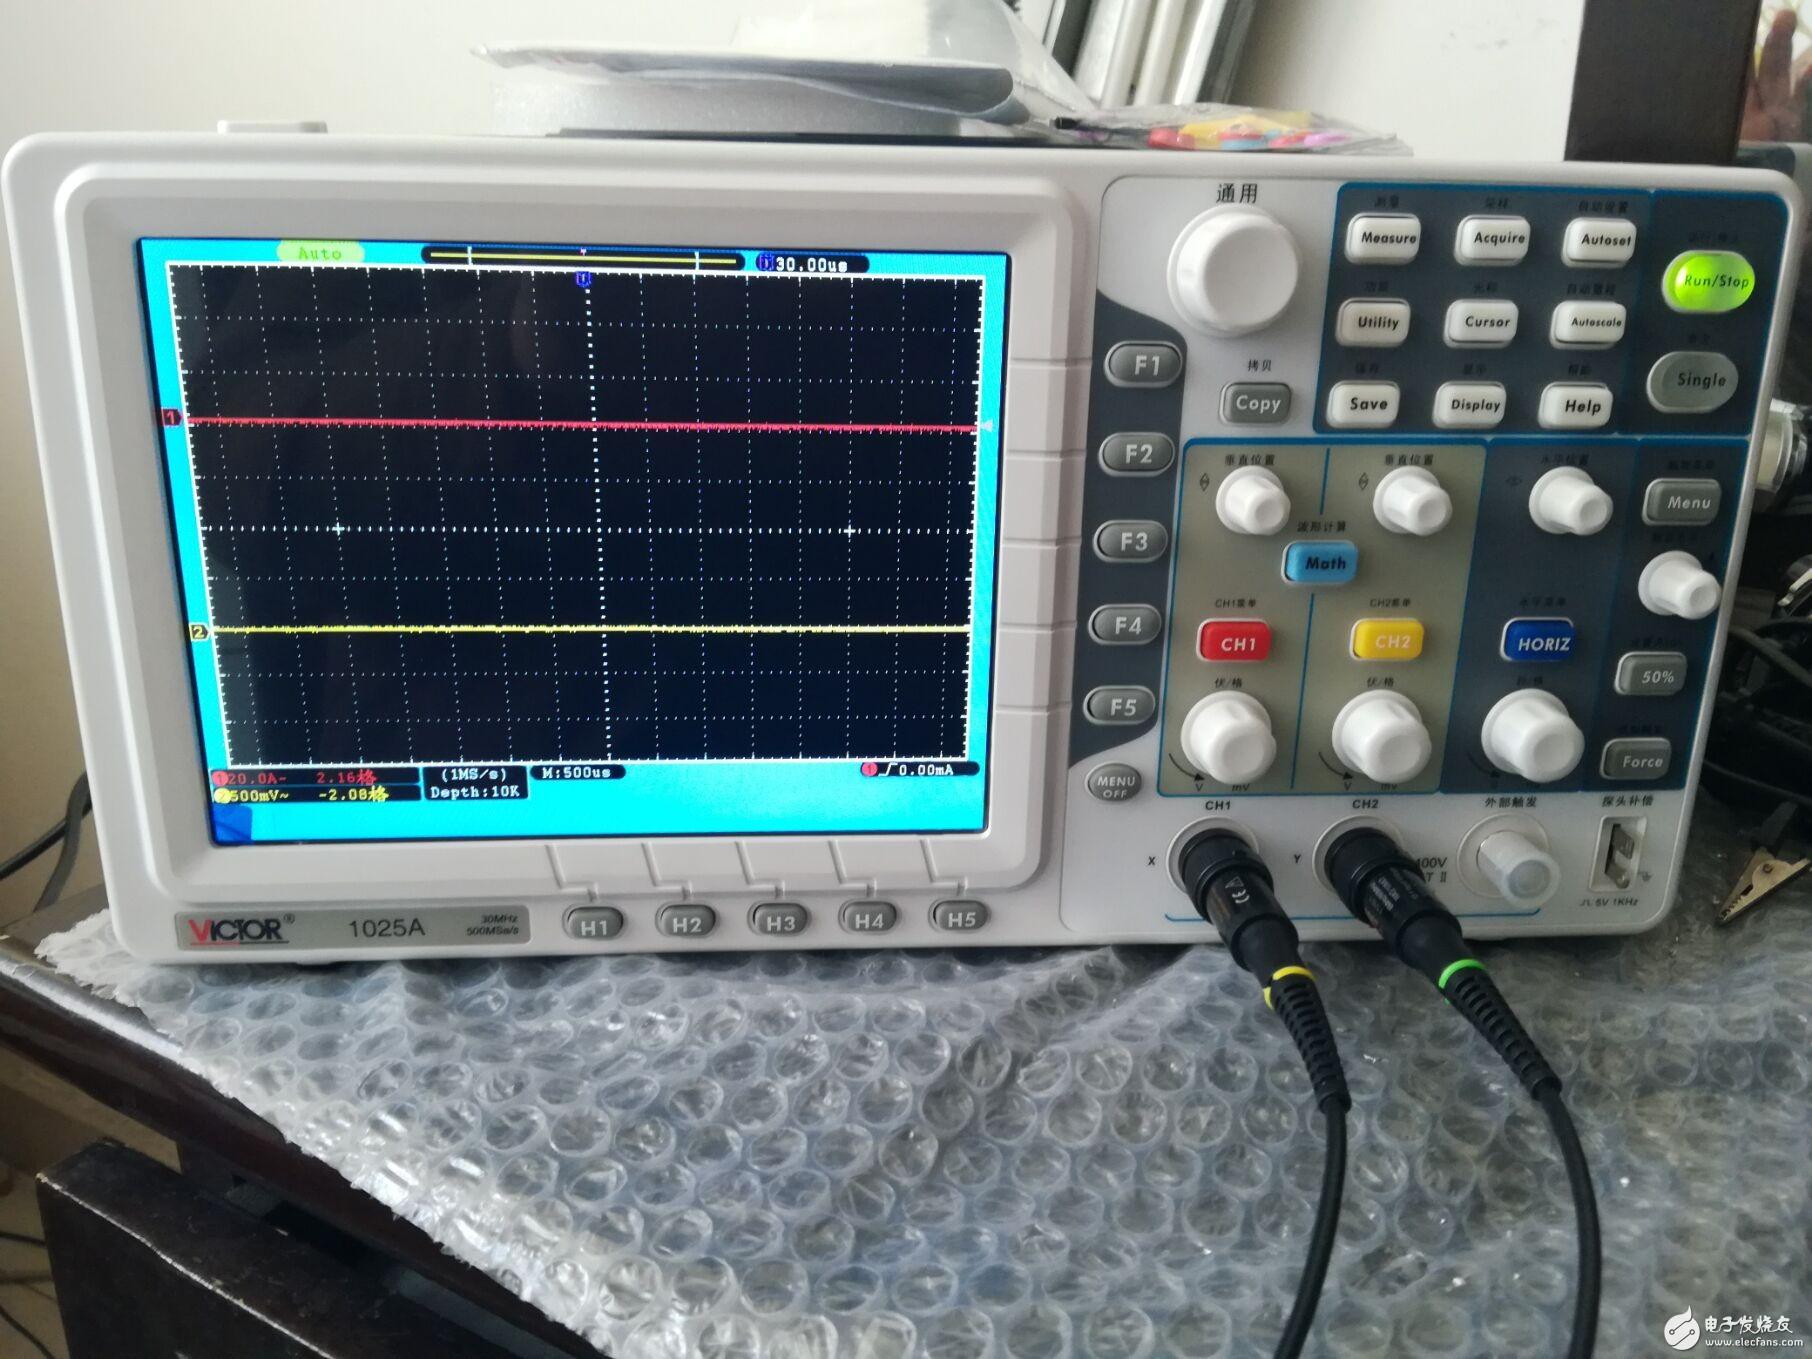 胜利仪器 数字存储示波器VC1025A使用初体验